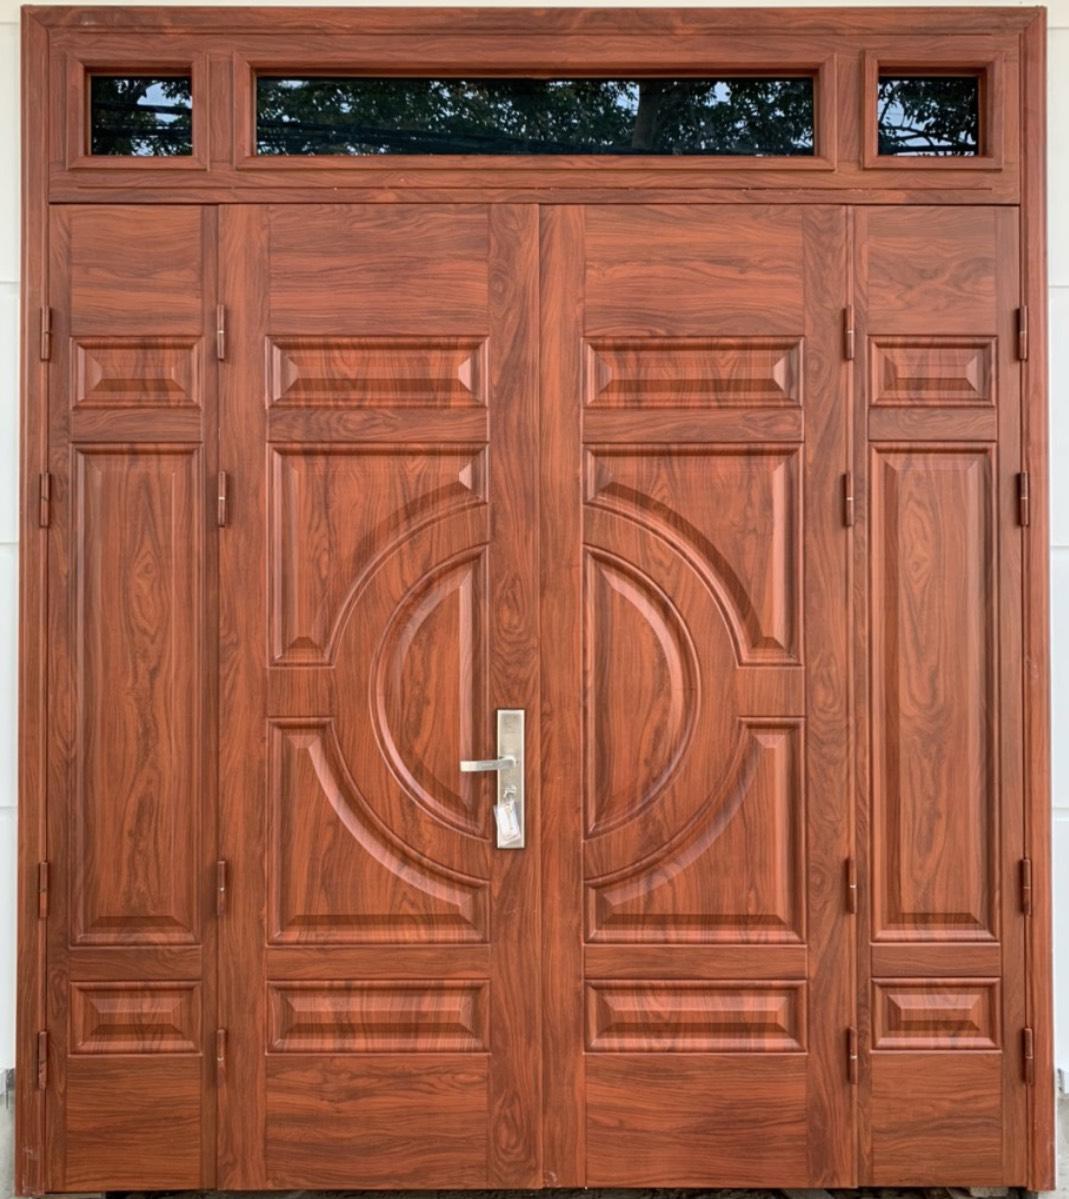 Cửa thép vân gỗ là gì?